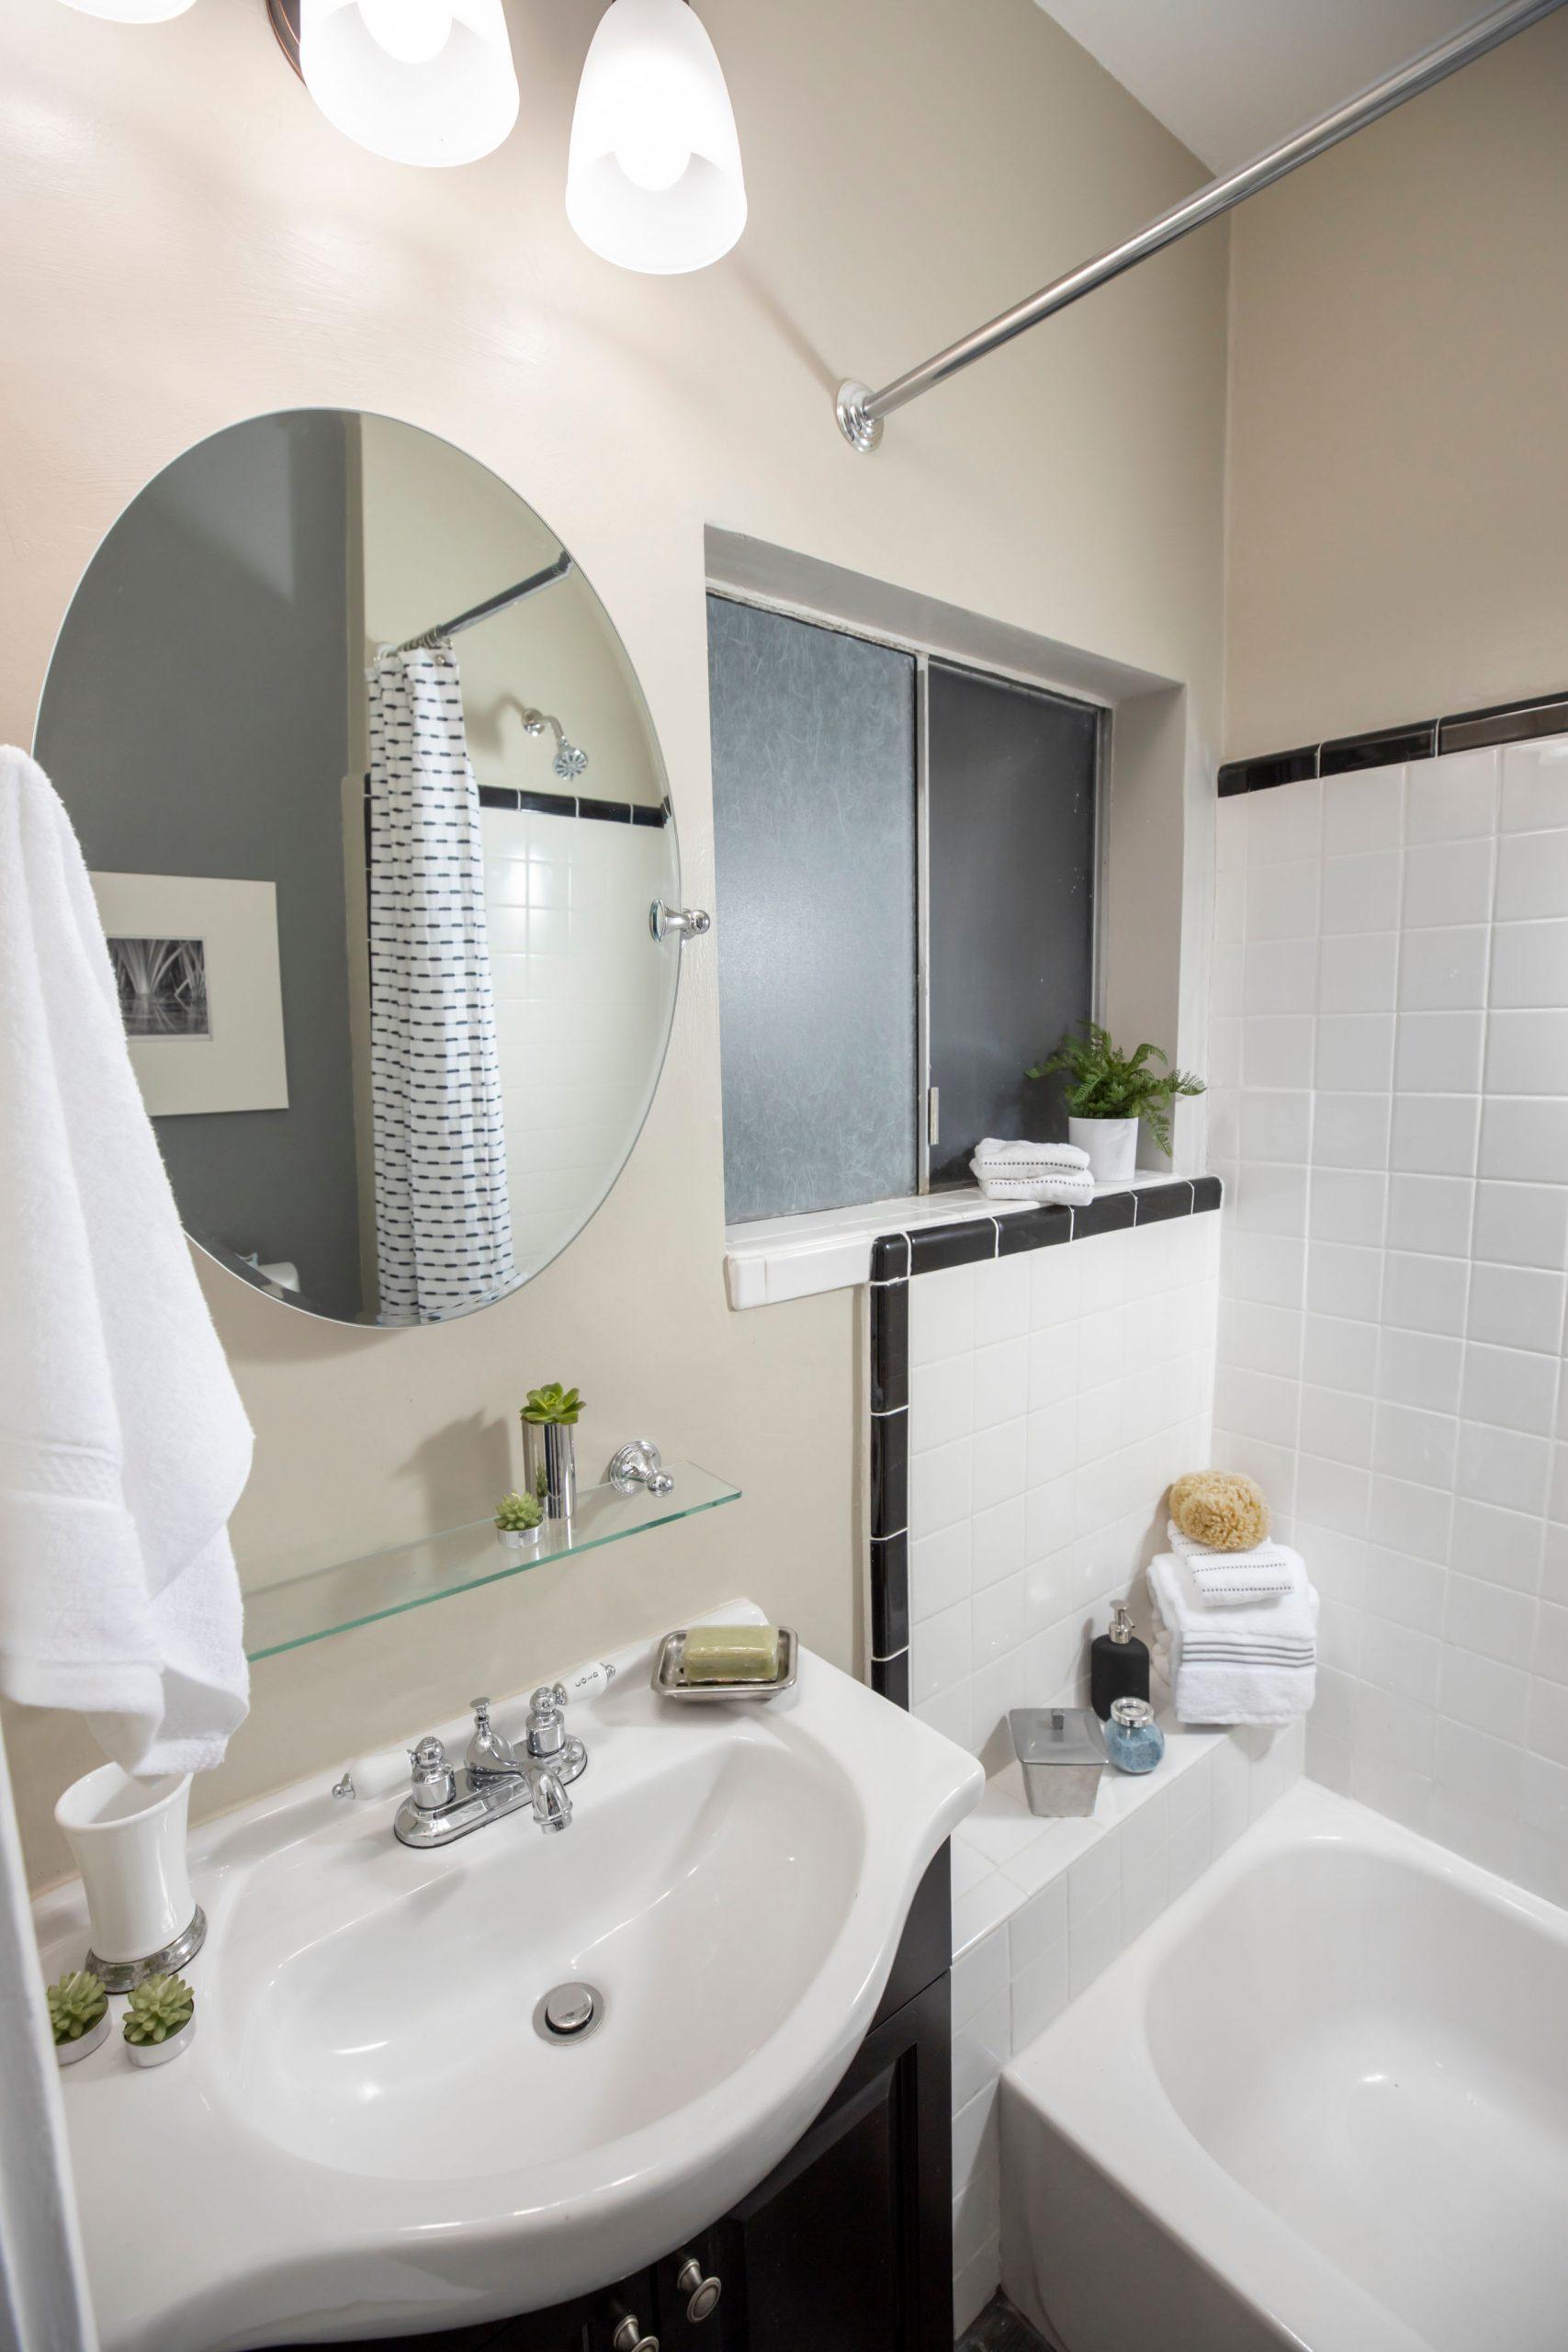 2525 #6 - Bathroom2